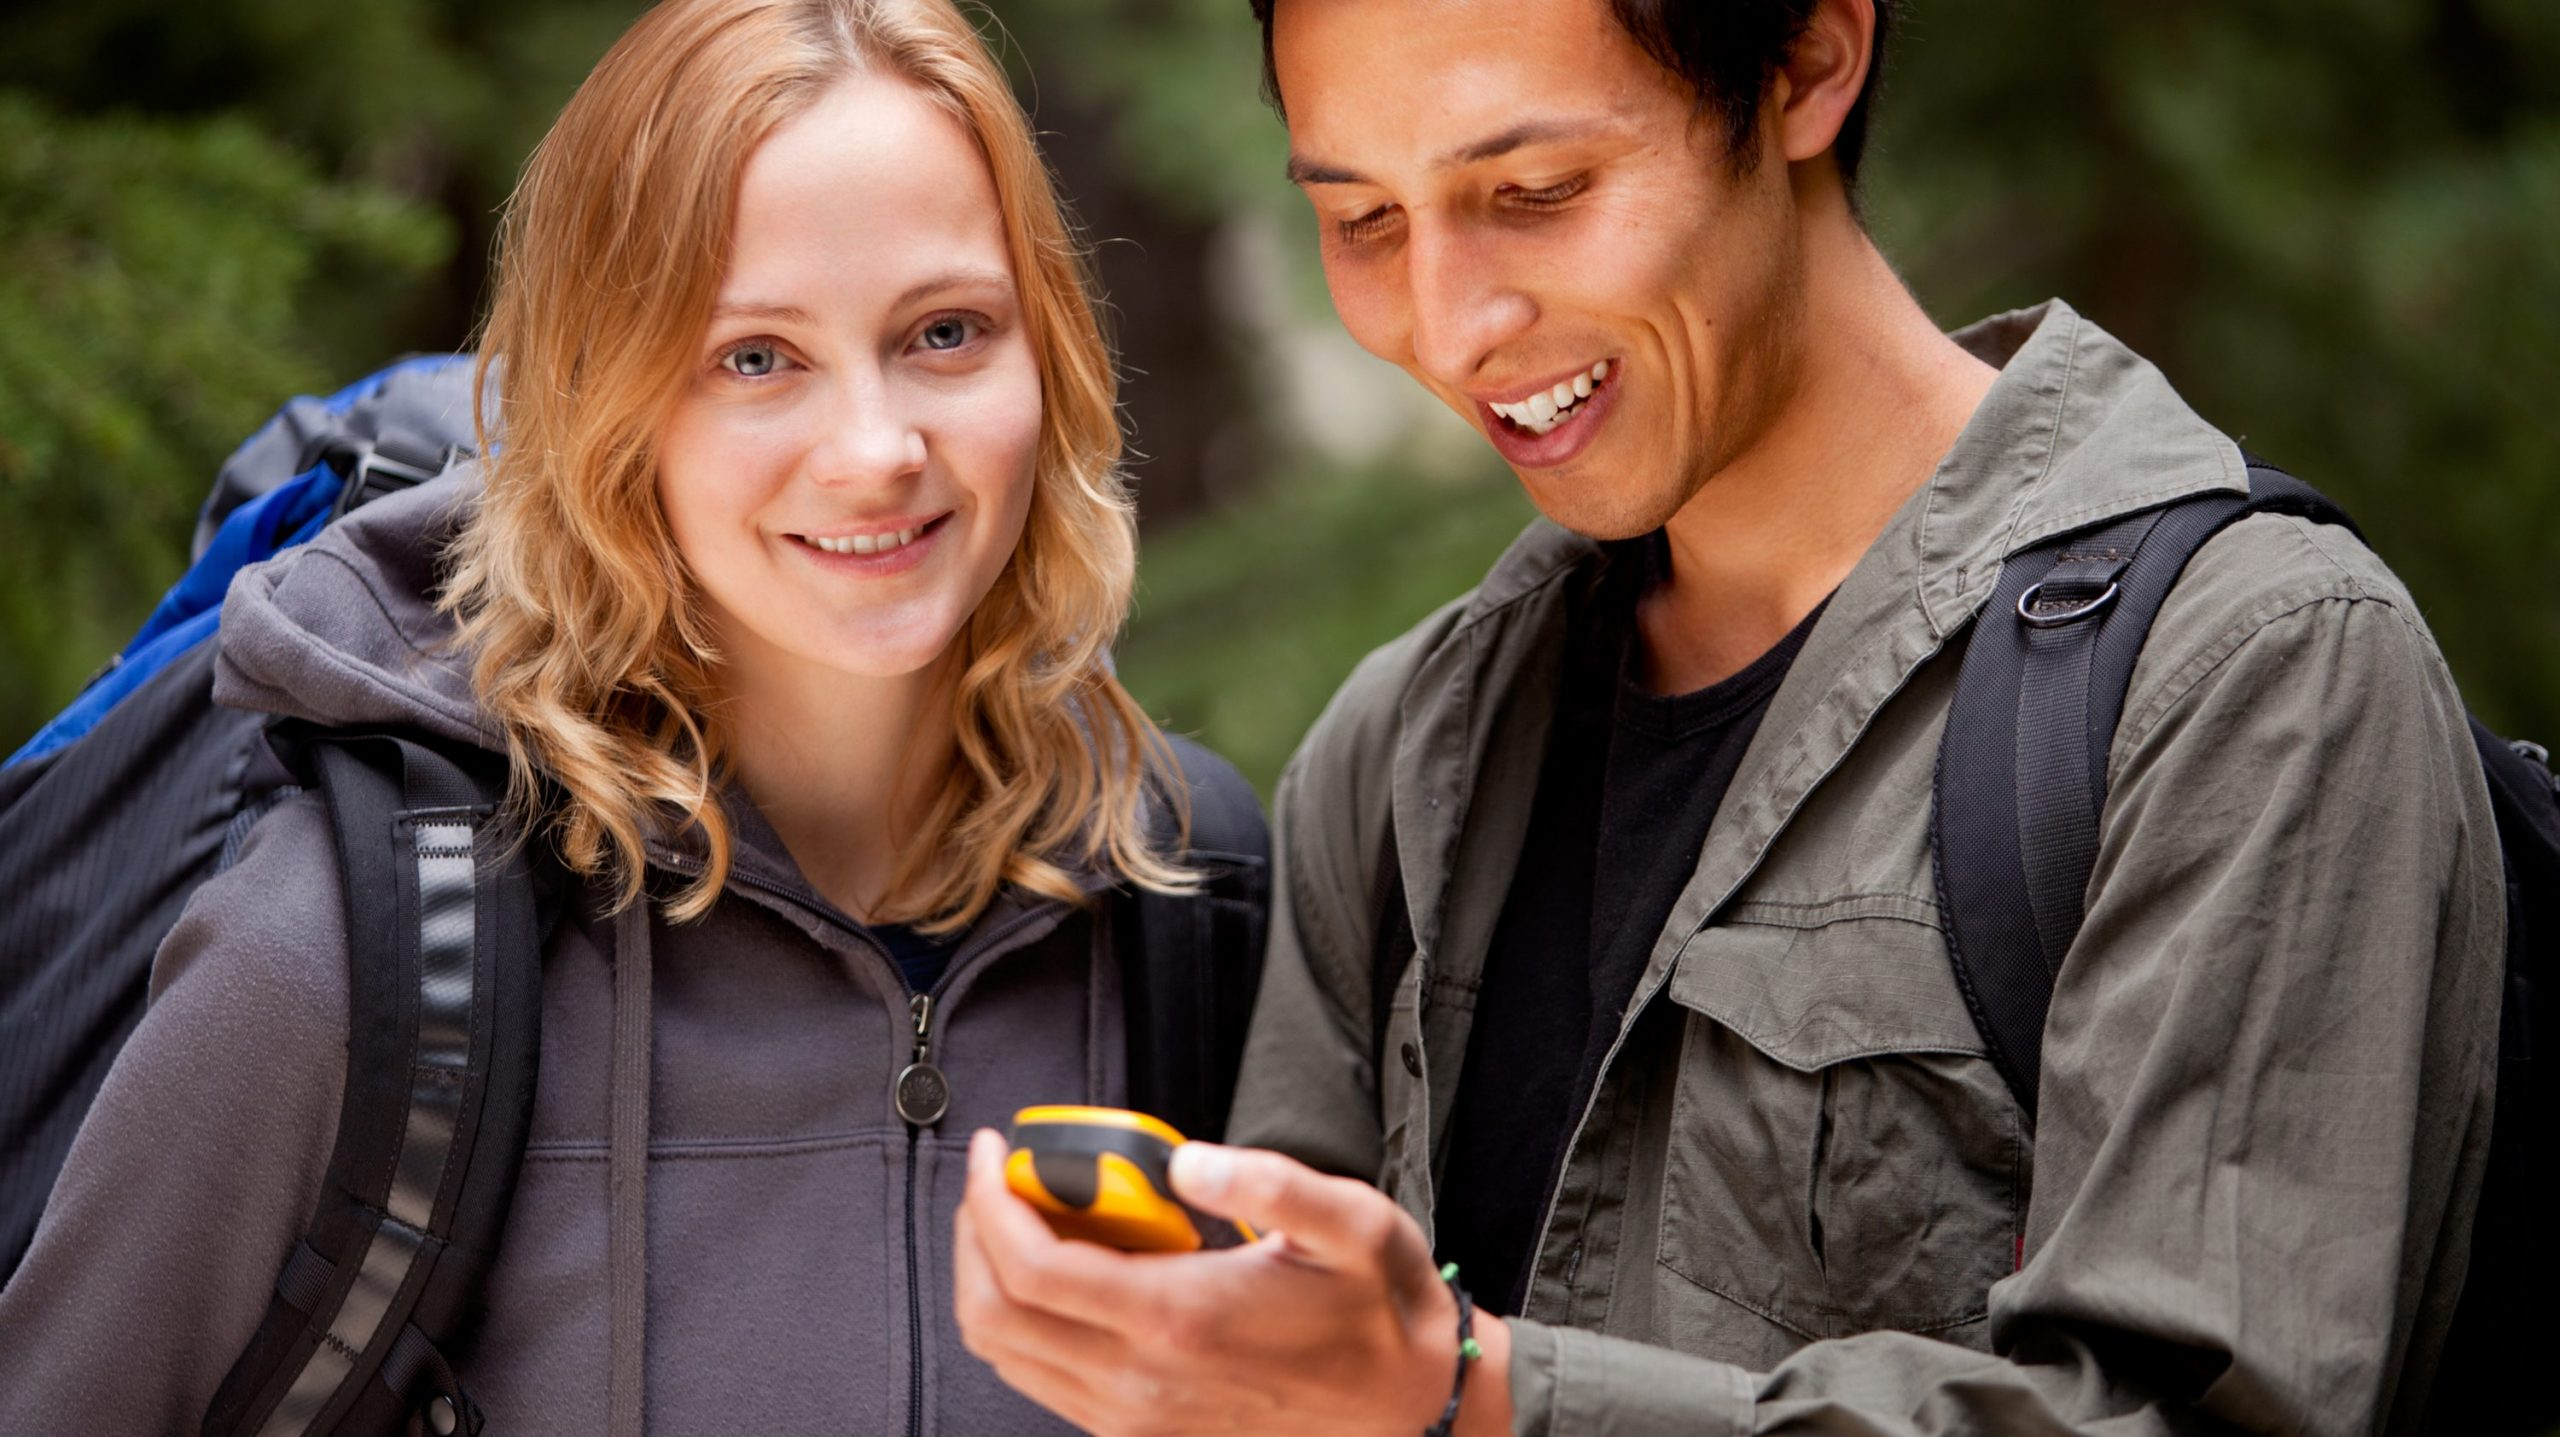 Frau und Mann mit einem GPS-Gerät beim Geocaching